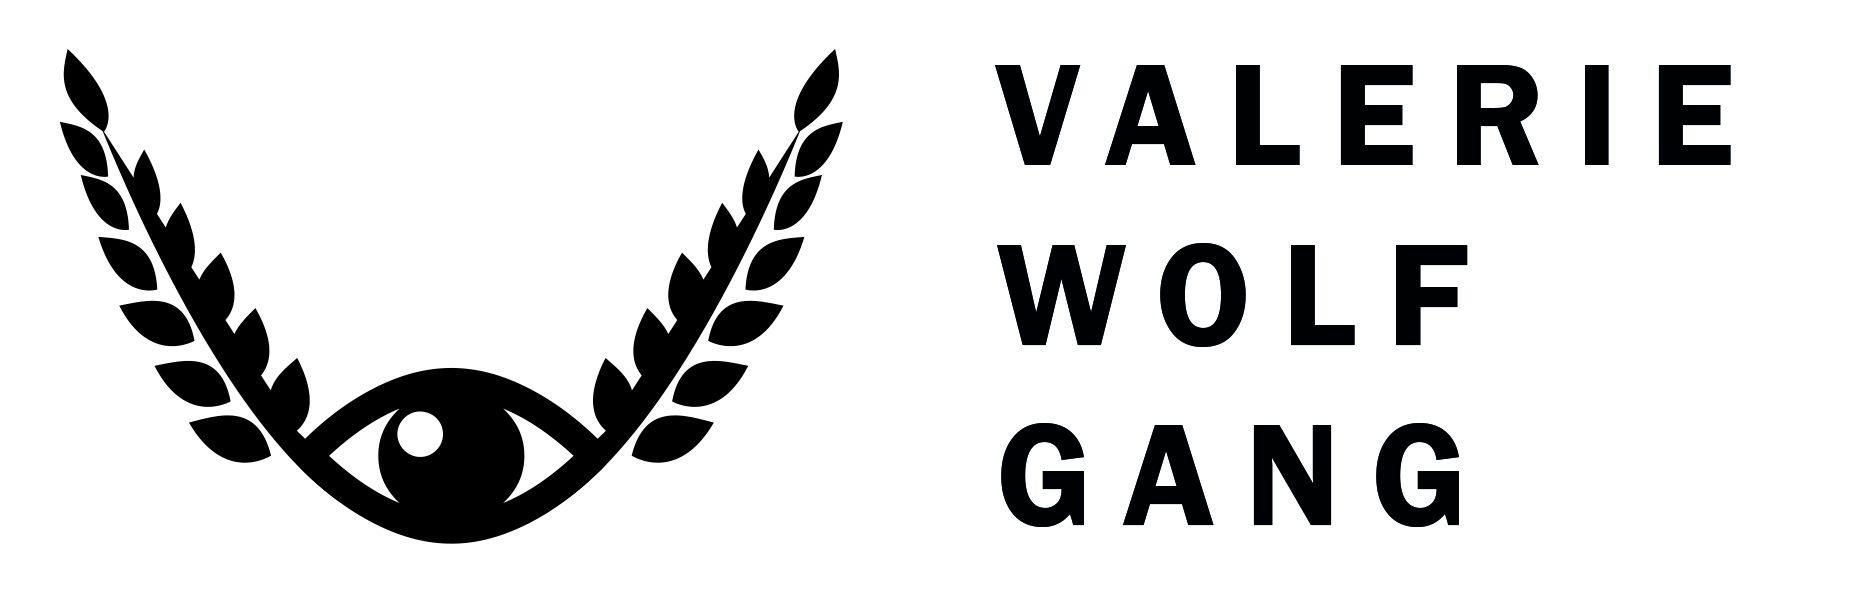 Valerie Wolf Gang